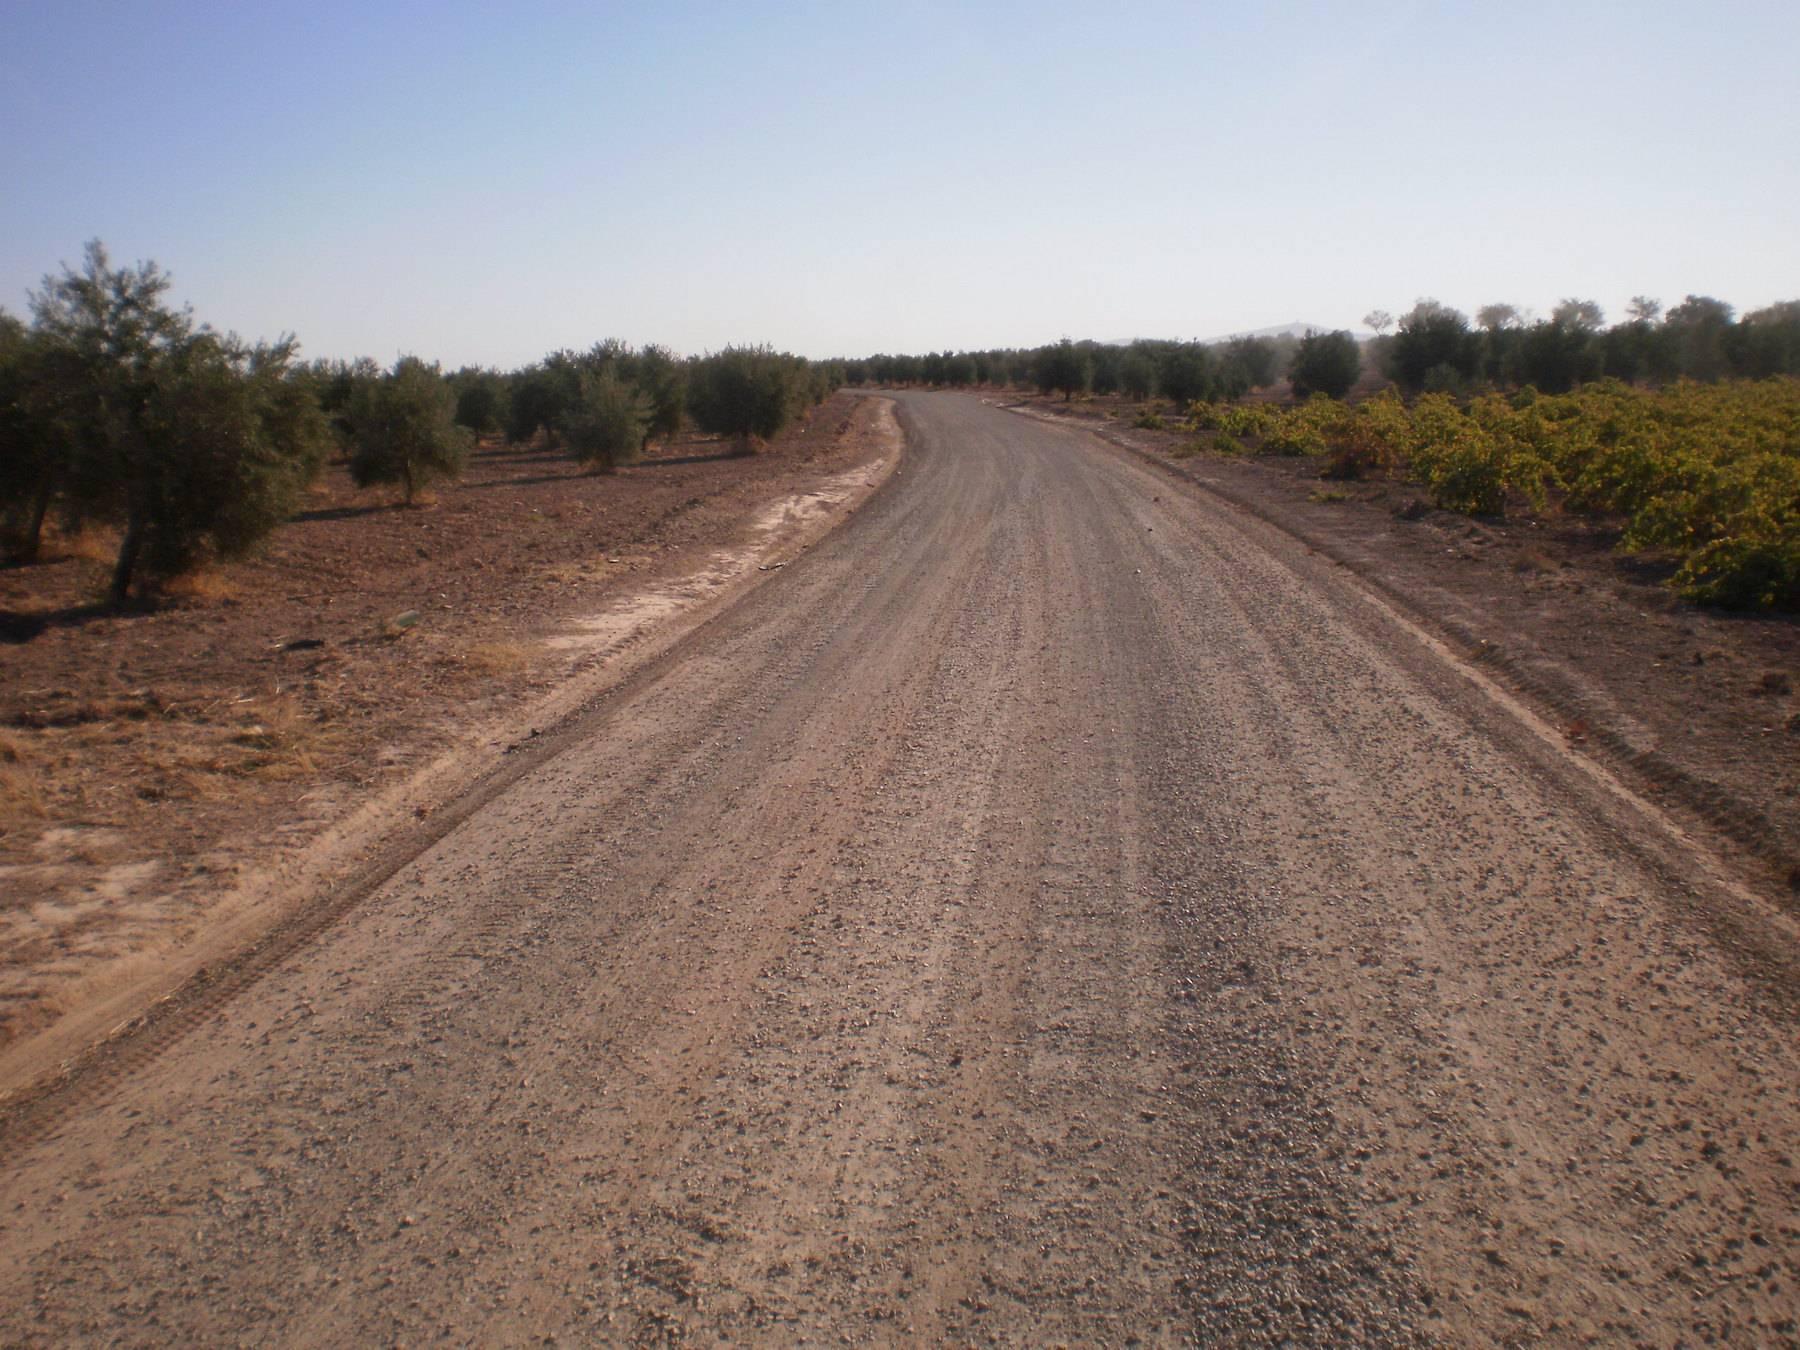 arreglo de caminos en herencia - Herencia realiza arreglos en varios caminos rurales del municipio